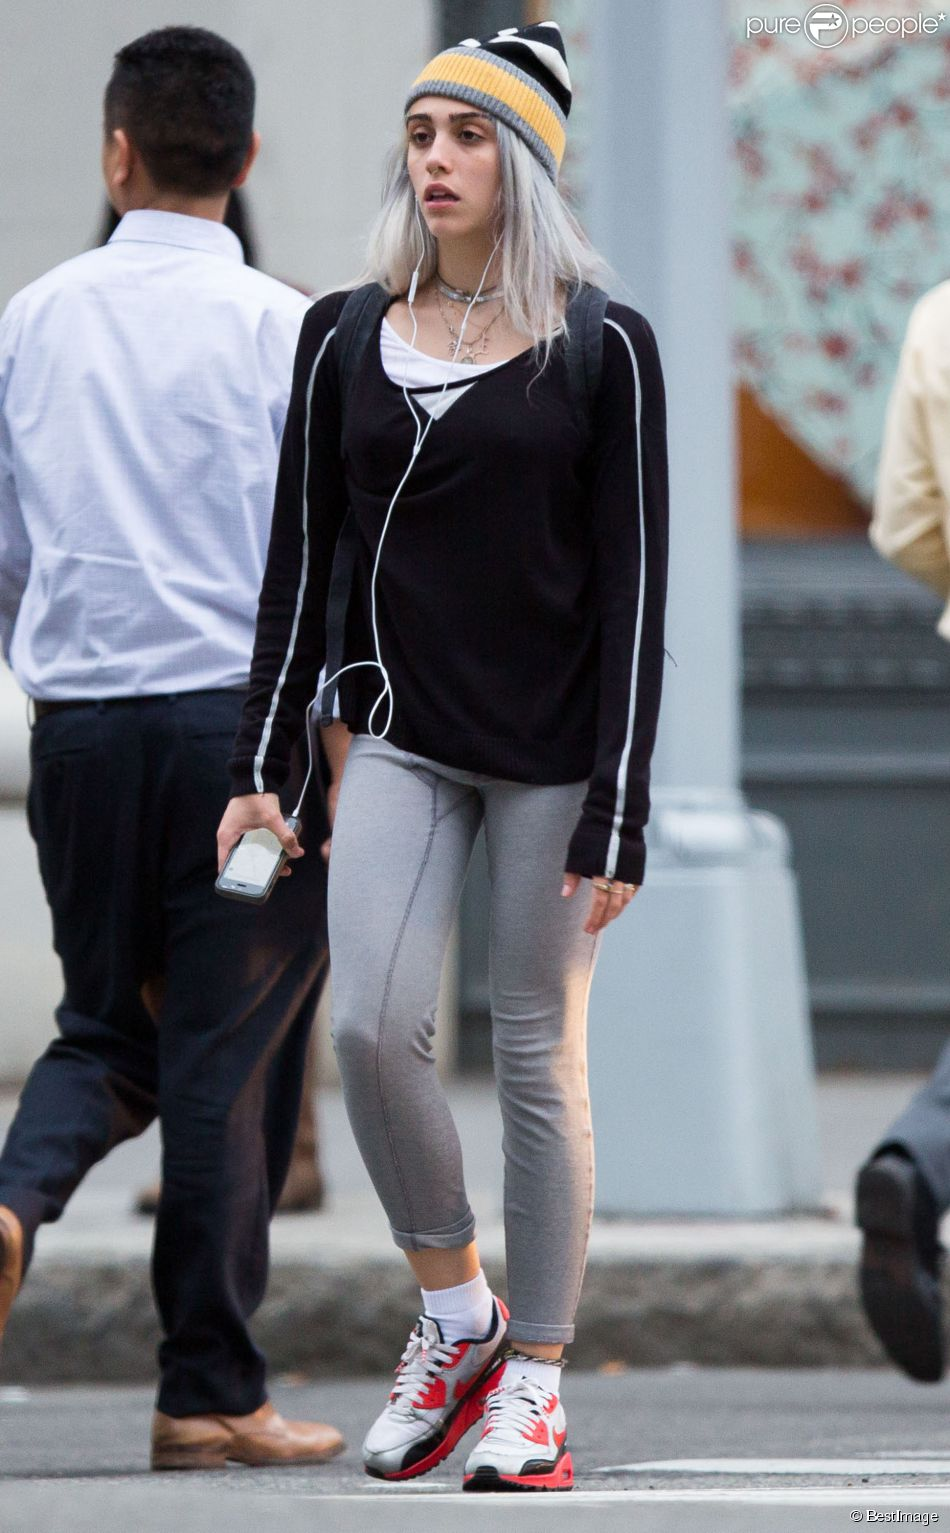 Exclusif - Lourdes Leon (fille de Madonna) arbore un nouveau look dans les rues de New York! Le 18 mai 2015